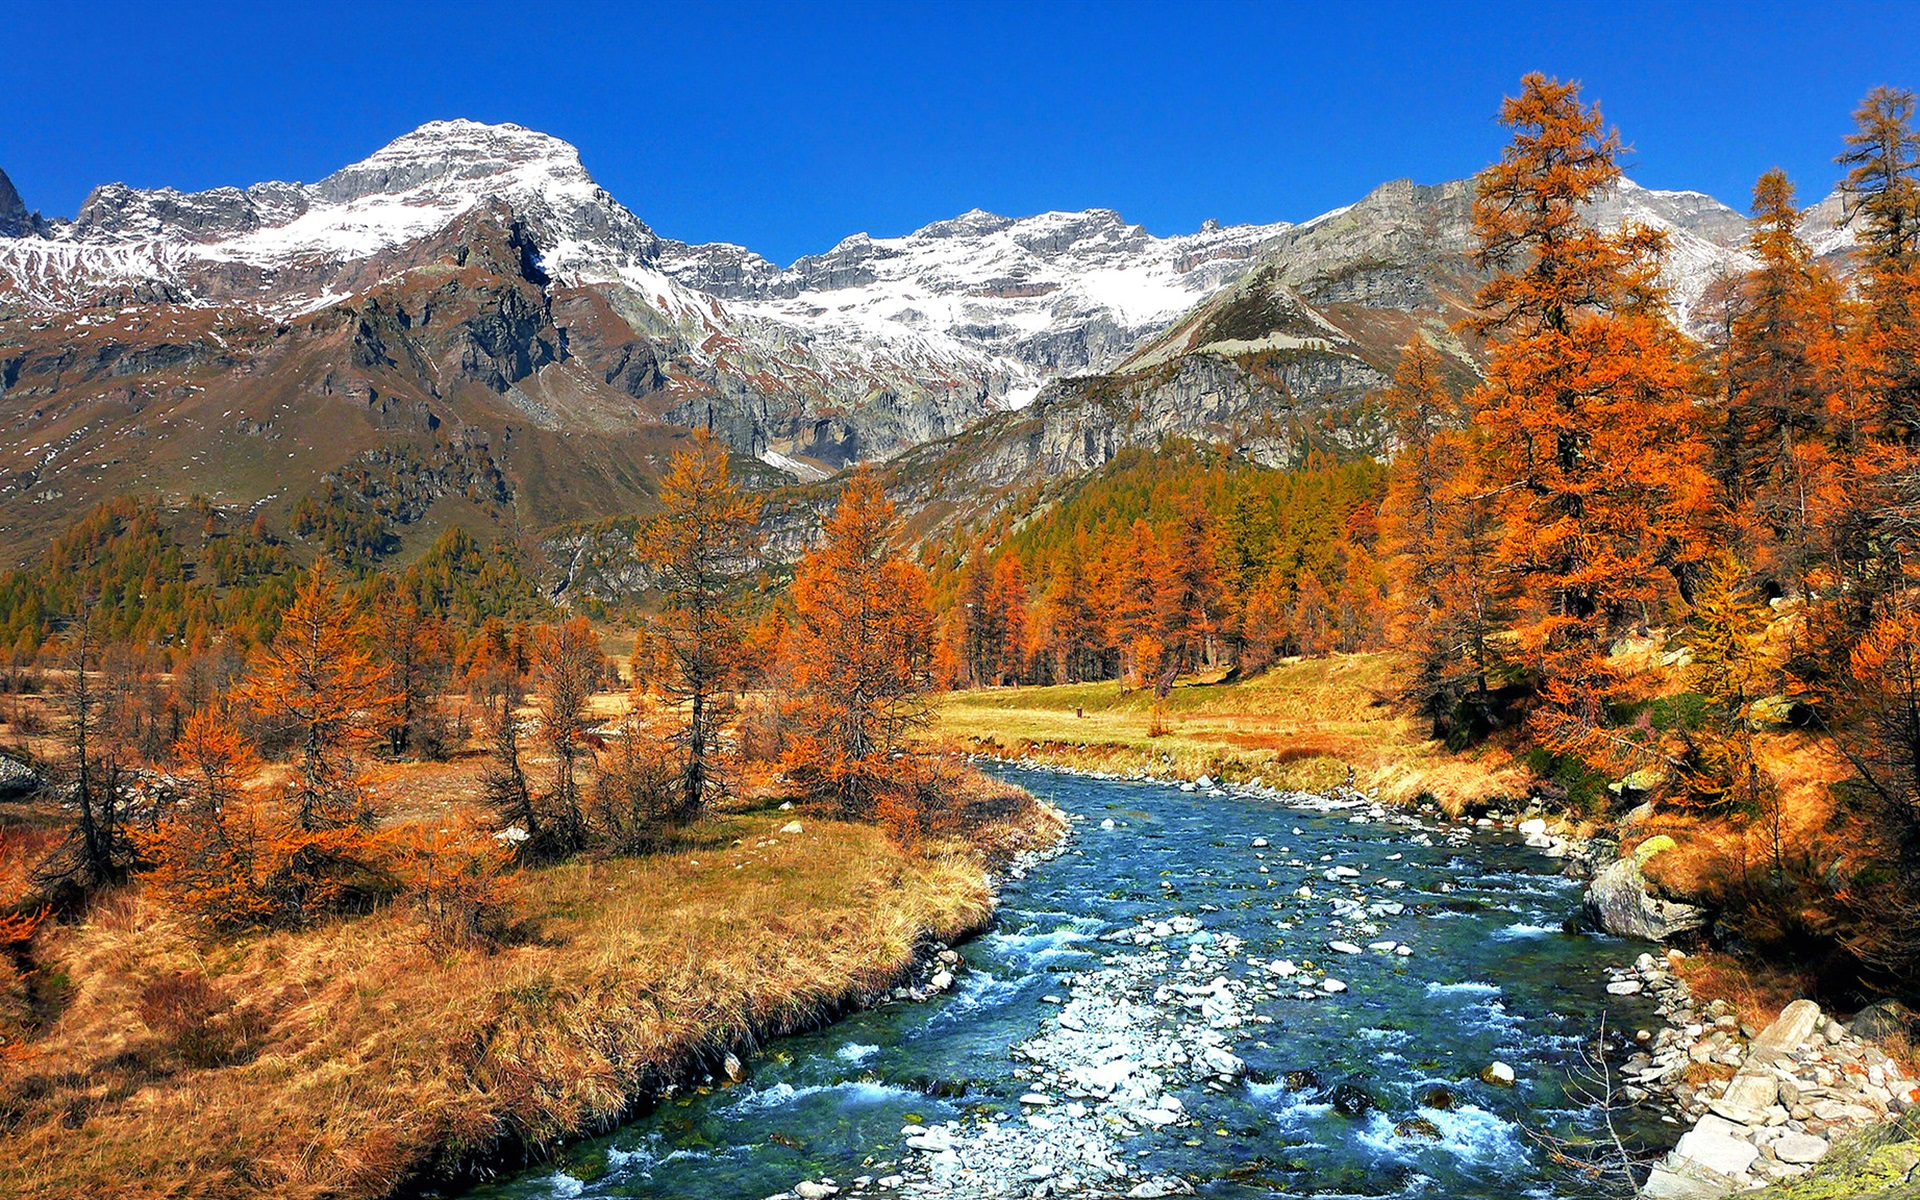 foto de Fonds d'écran Italie nature paysage arbres neige